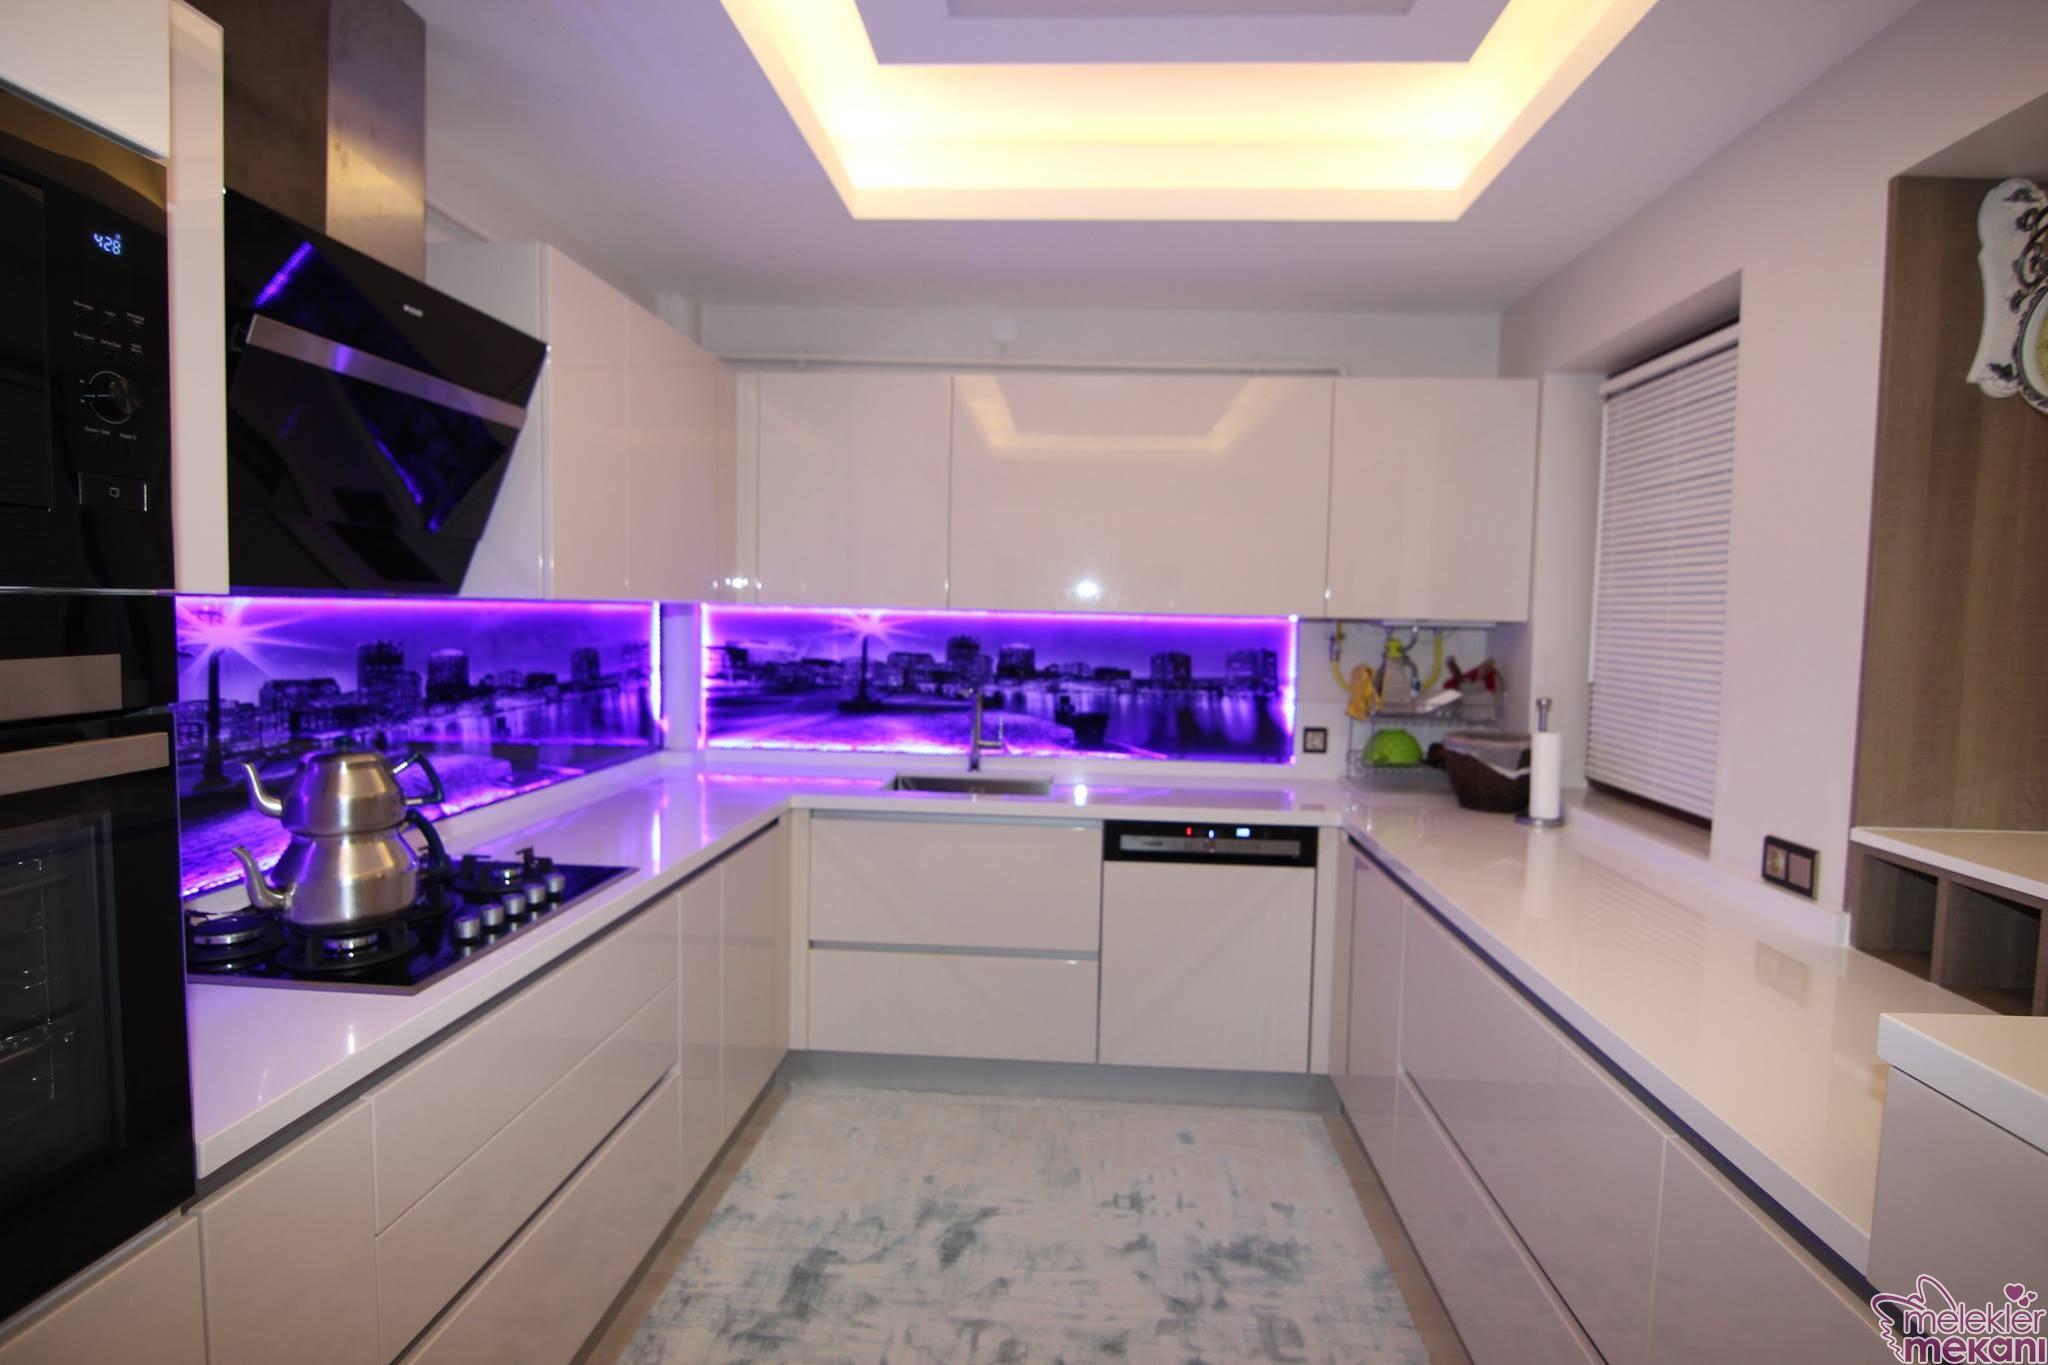 en yeni mutfak dolabı modelleri.JPG